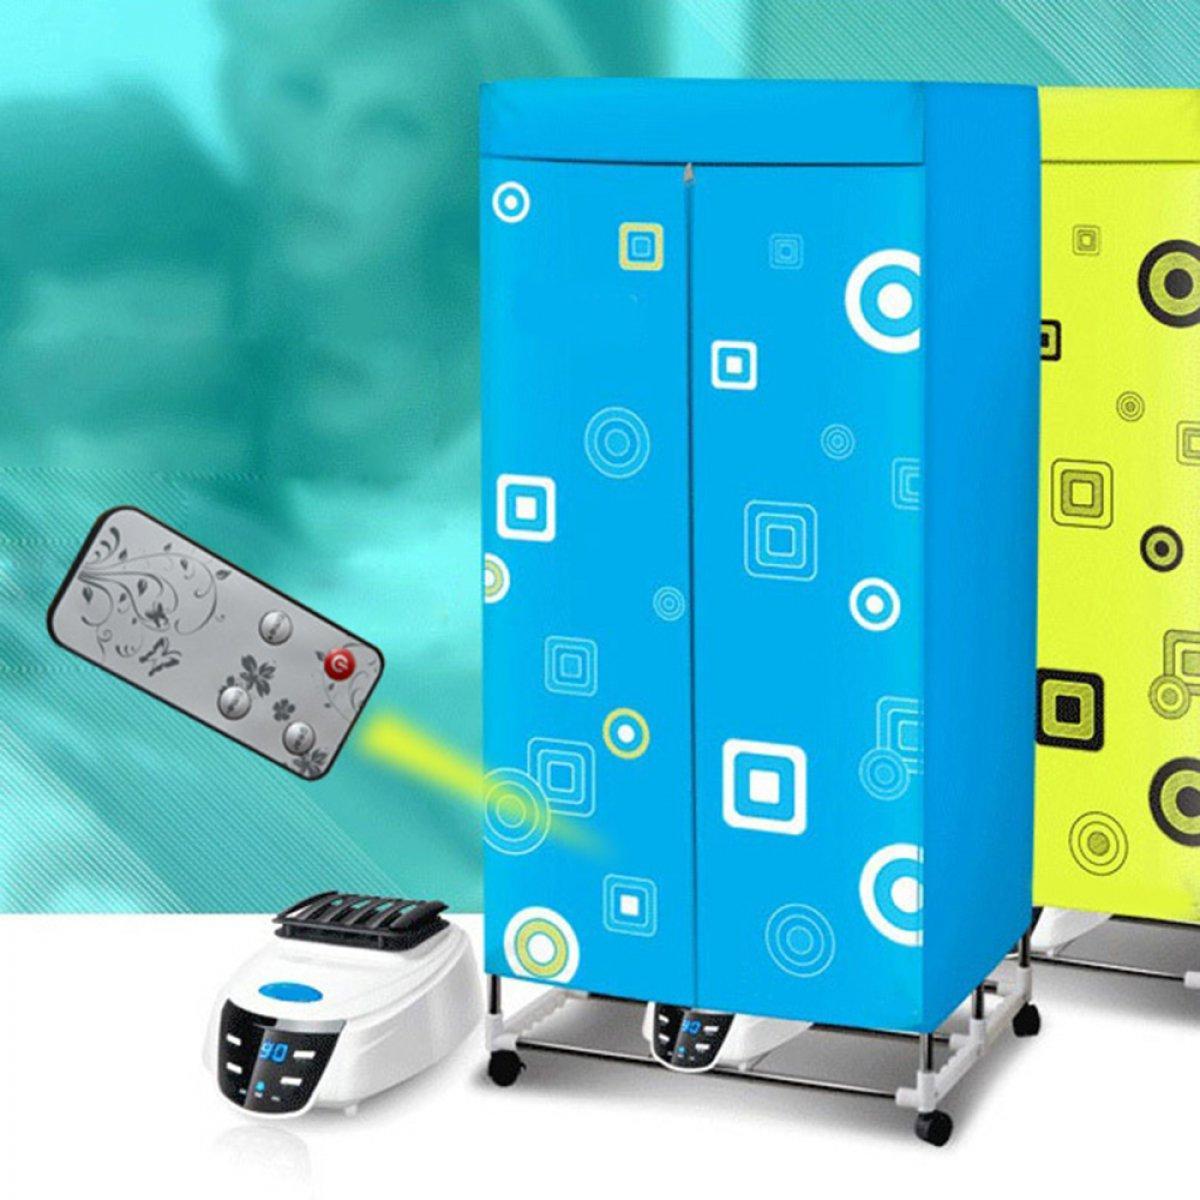 Tủ Sấy Quần Aó Có Điều Khiển Panasonic Vô Cùng Tiện Lợi Cho 4 Mùa Với Giá Sốc